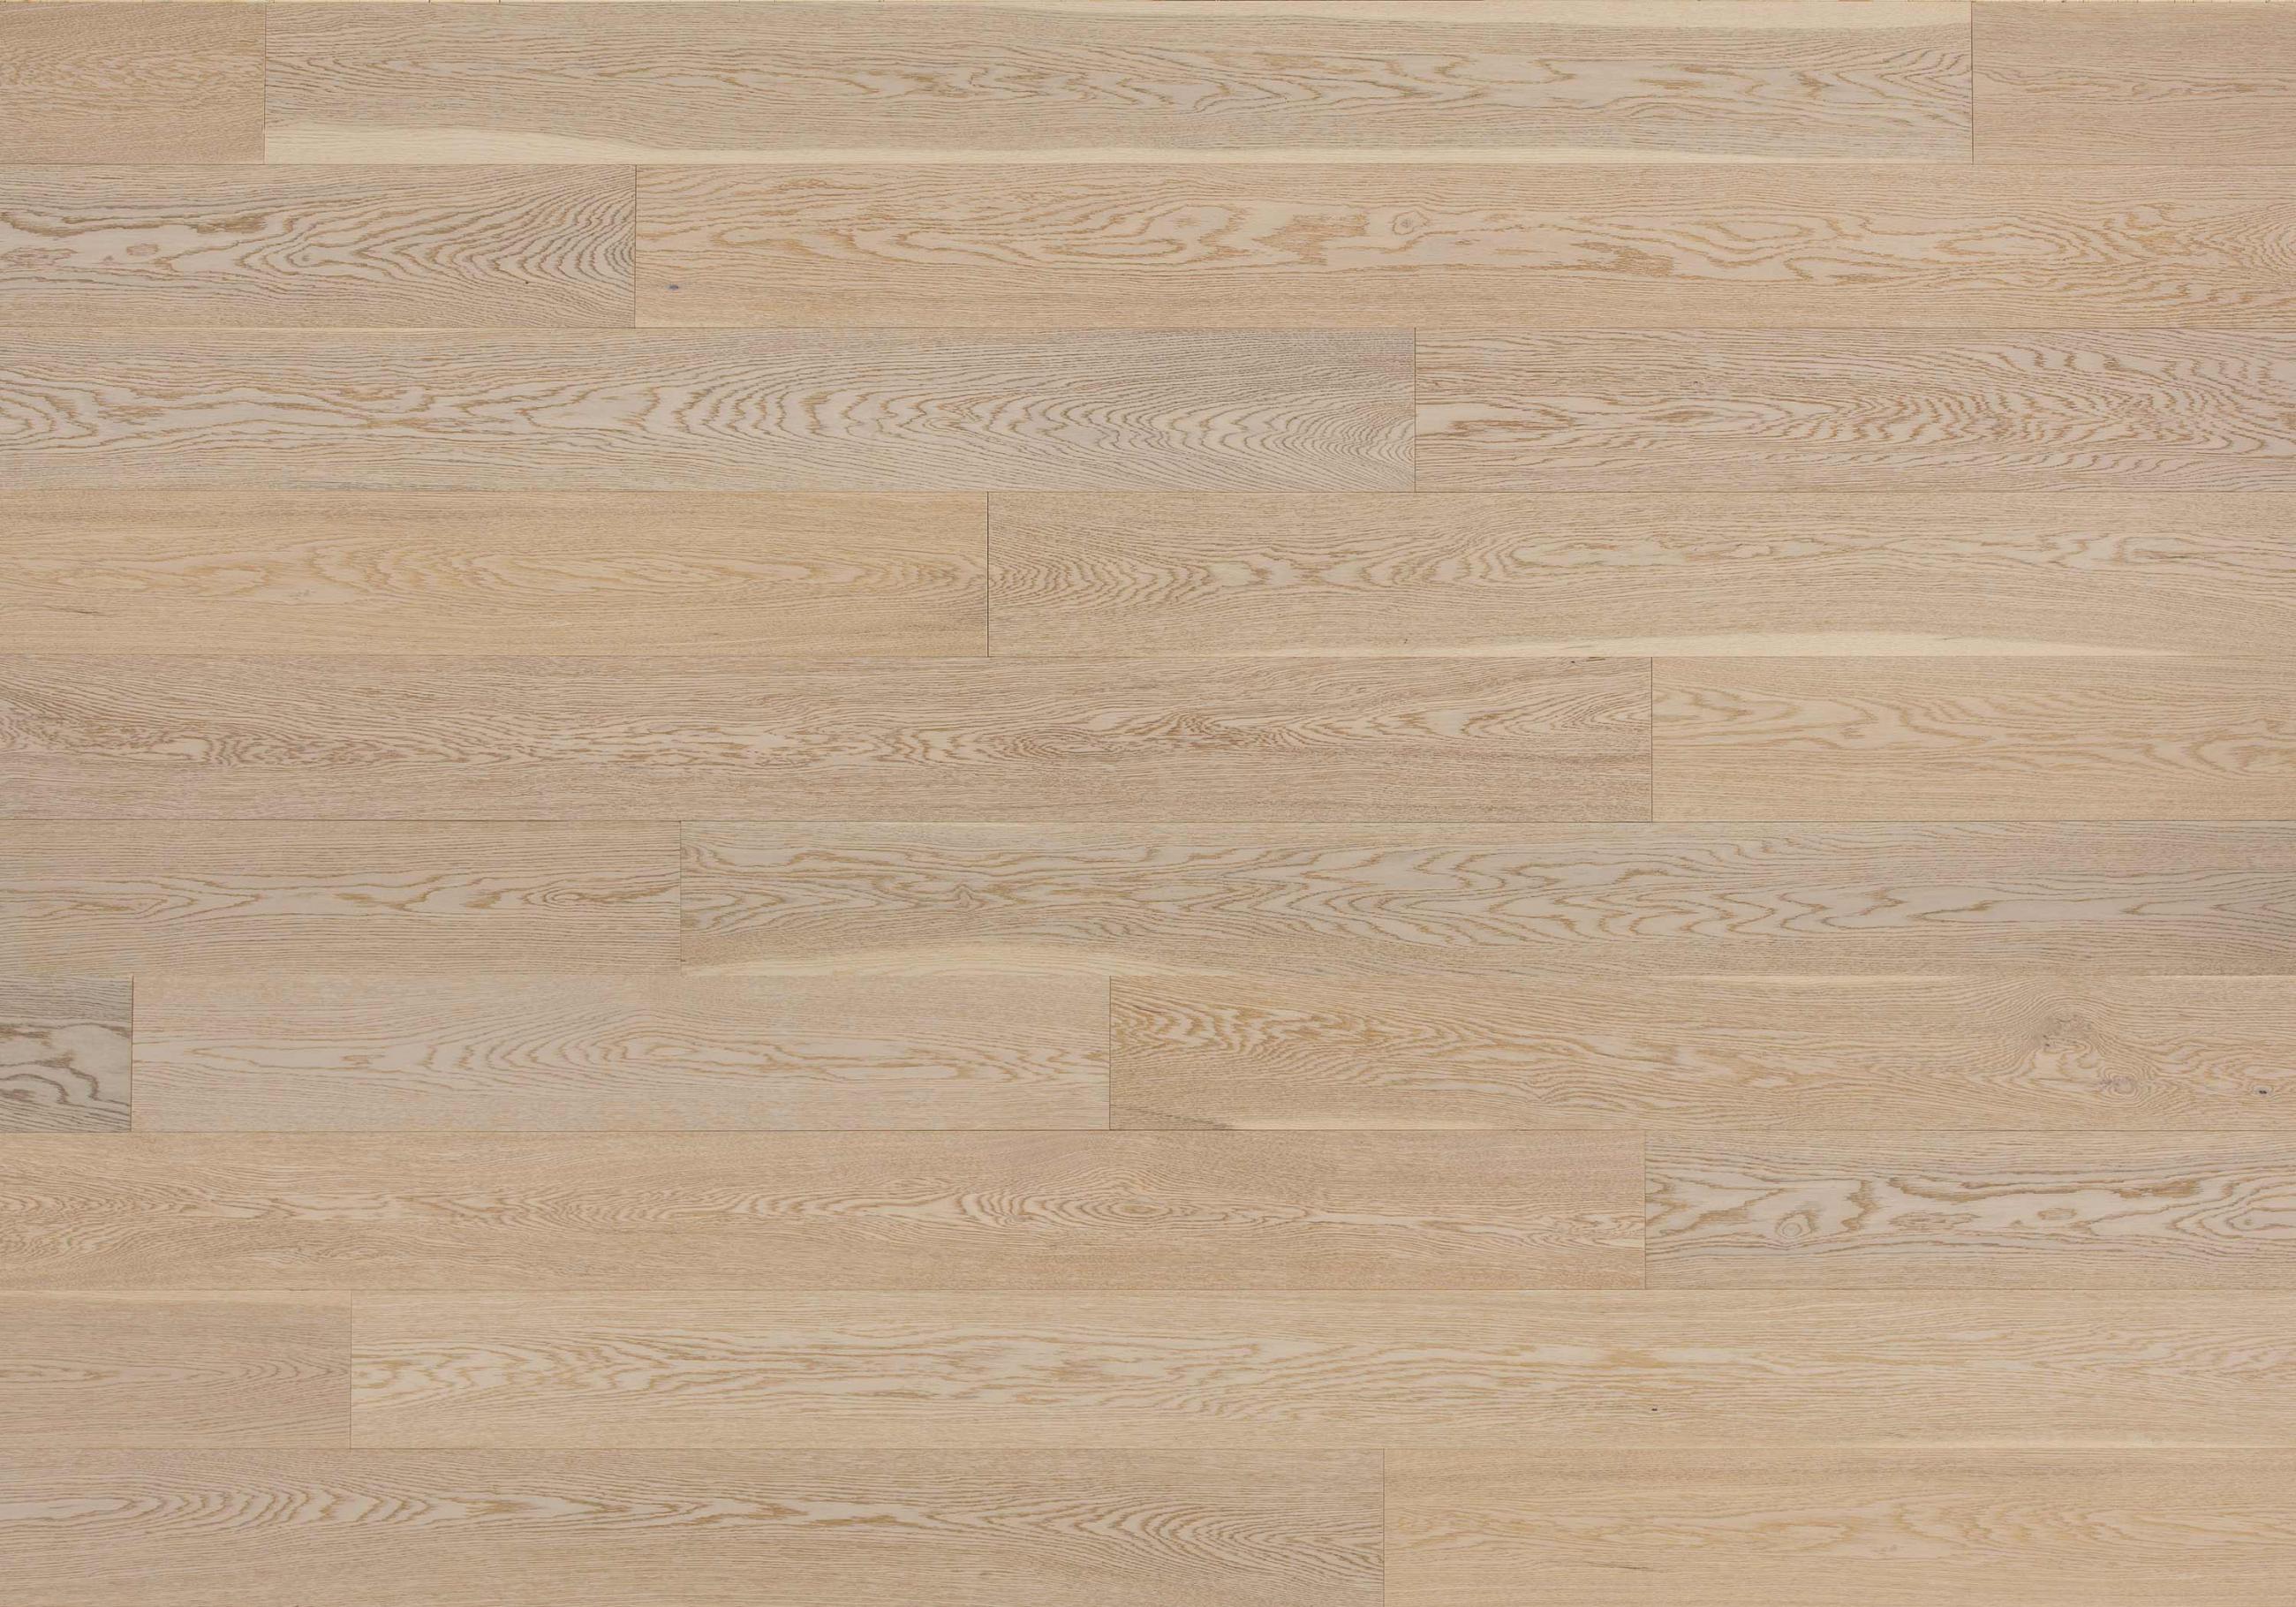 Lauzon Designer Collection Urban Loft Series White Oak